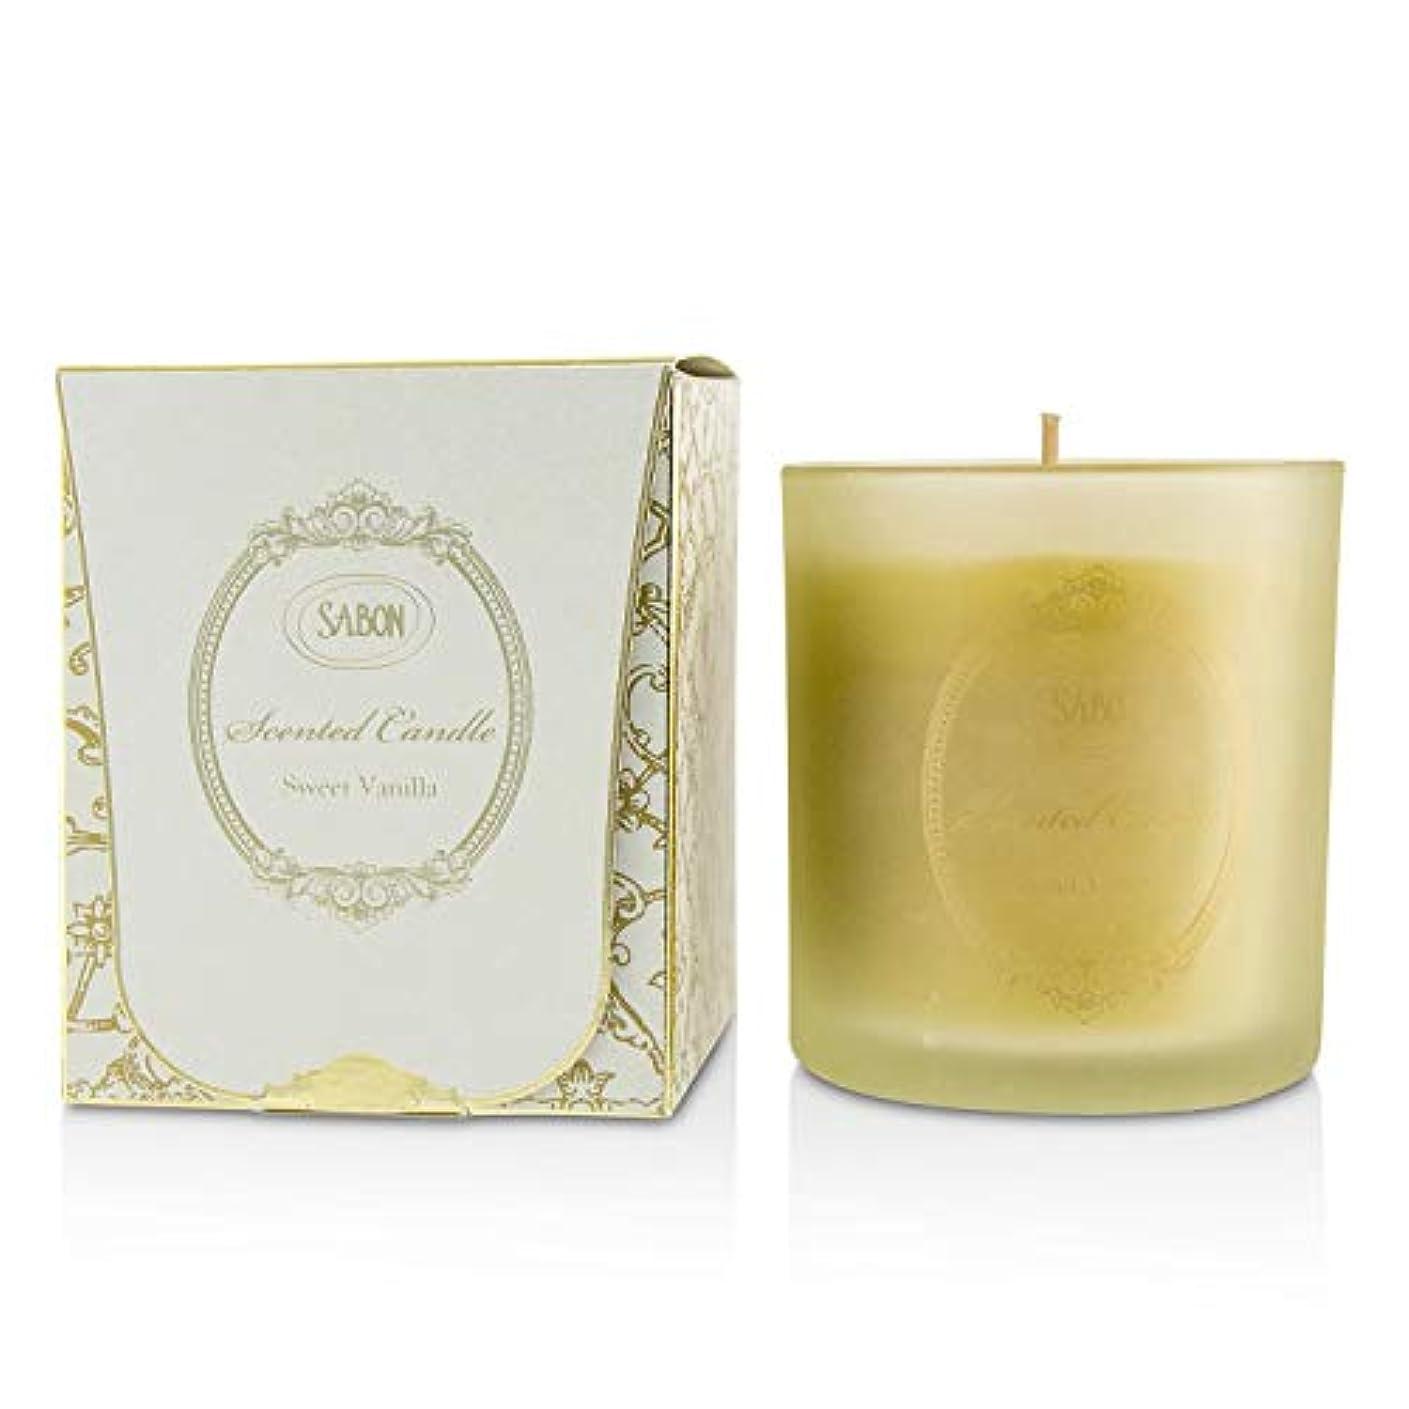 見る人誰も名誉あるサボン Glass Candles - Sweet Vanilla 250ml/8.79oz並行輸入品